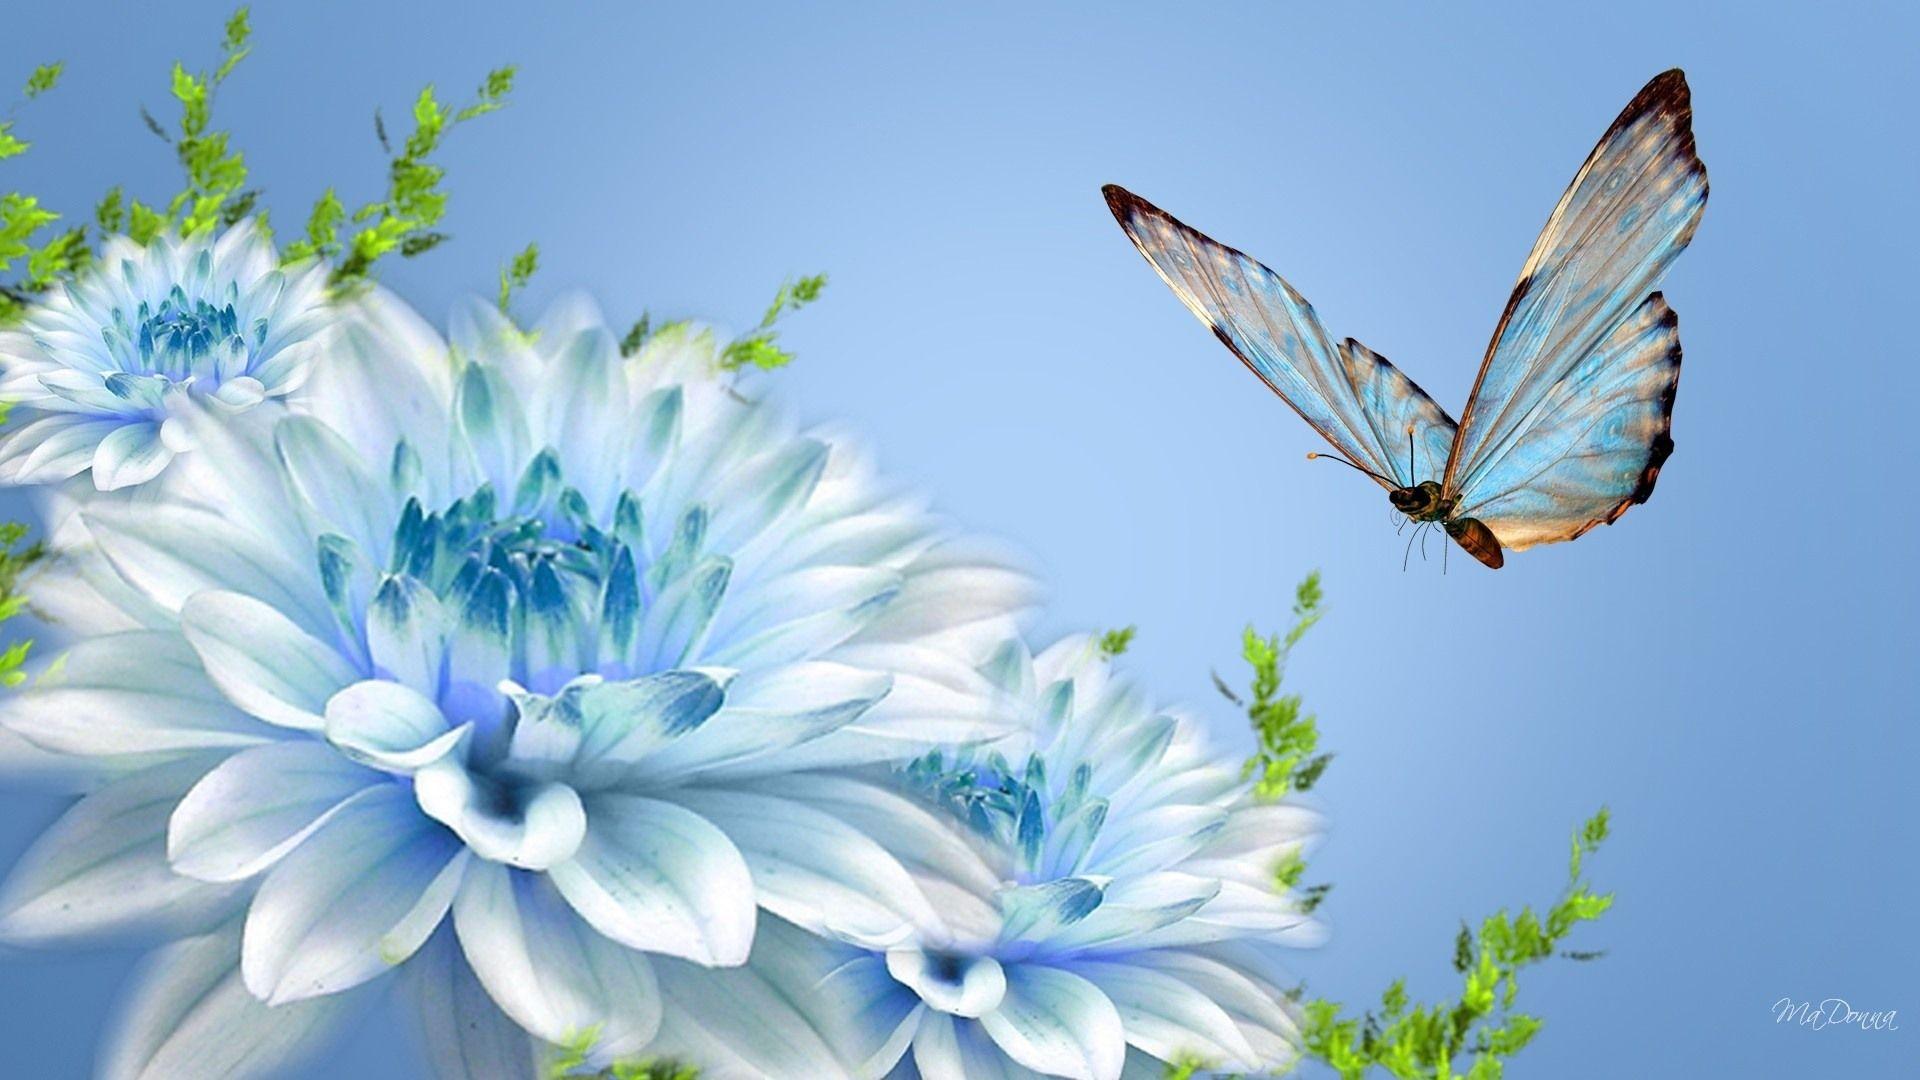 Beautiful Butterflies Wallpapers Download Butterflies Wallpaper 1920x1080